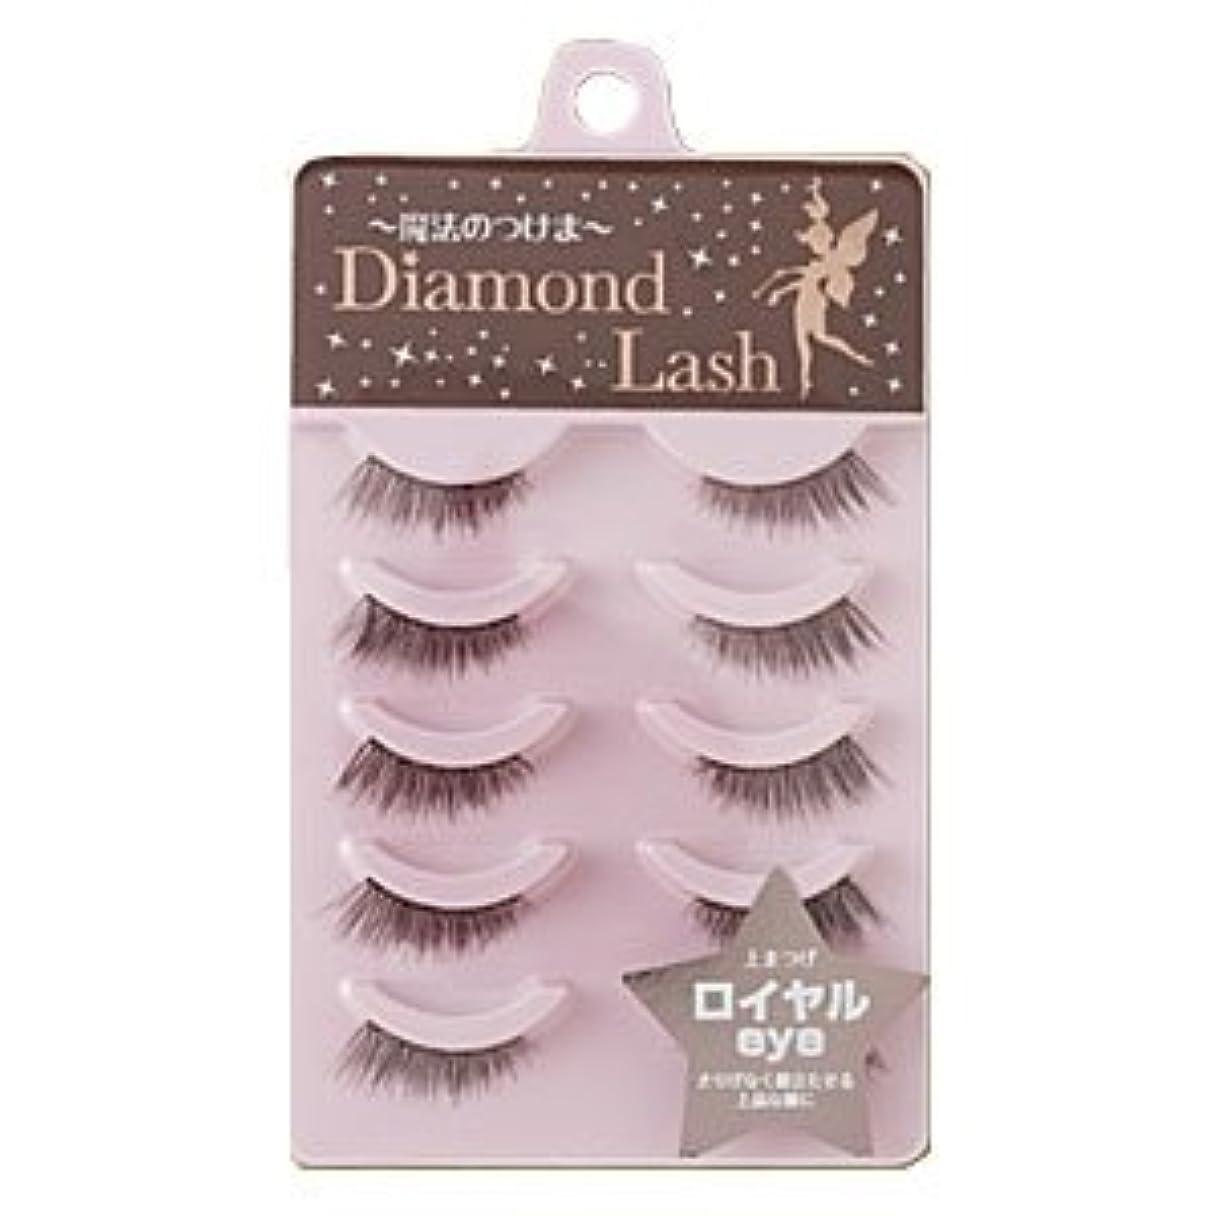 おじさん散らす幸運なことにダイヤモンドラッシュ Diamond Lash つけまつげ リッチブラウンシリーズ ロイヤルeye